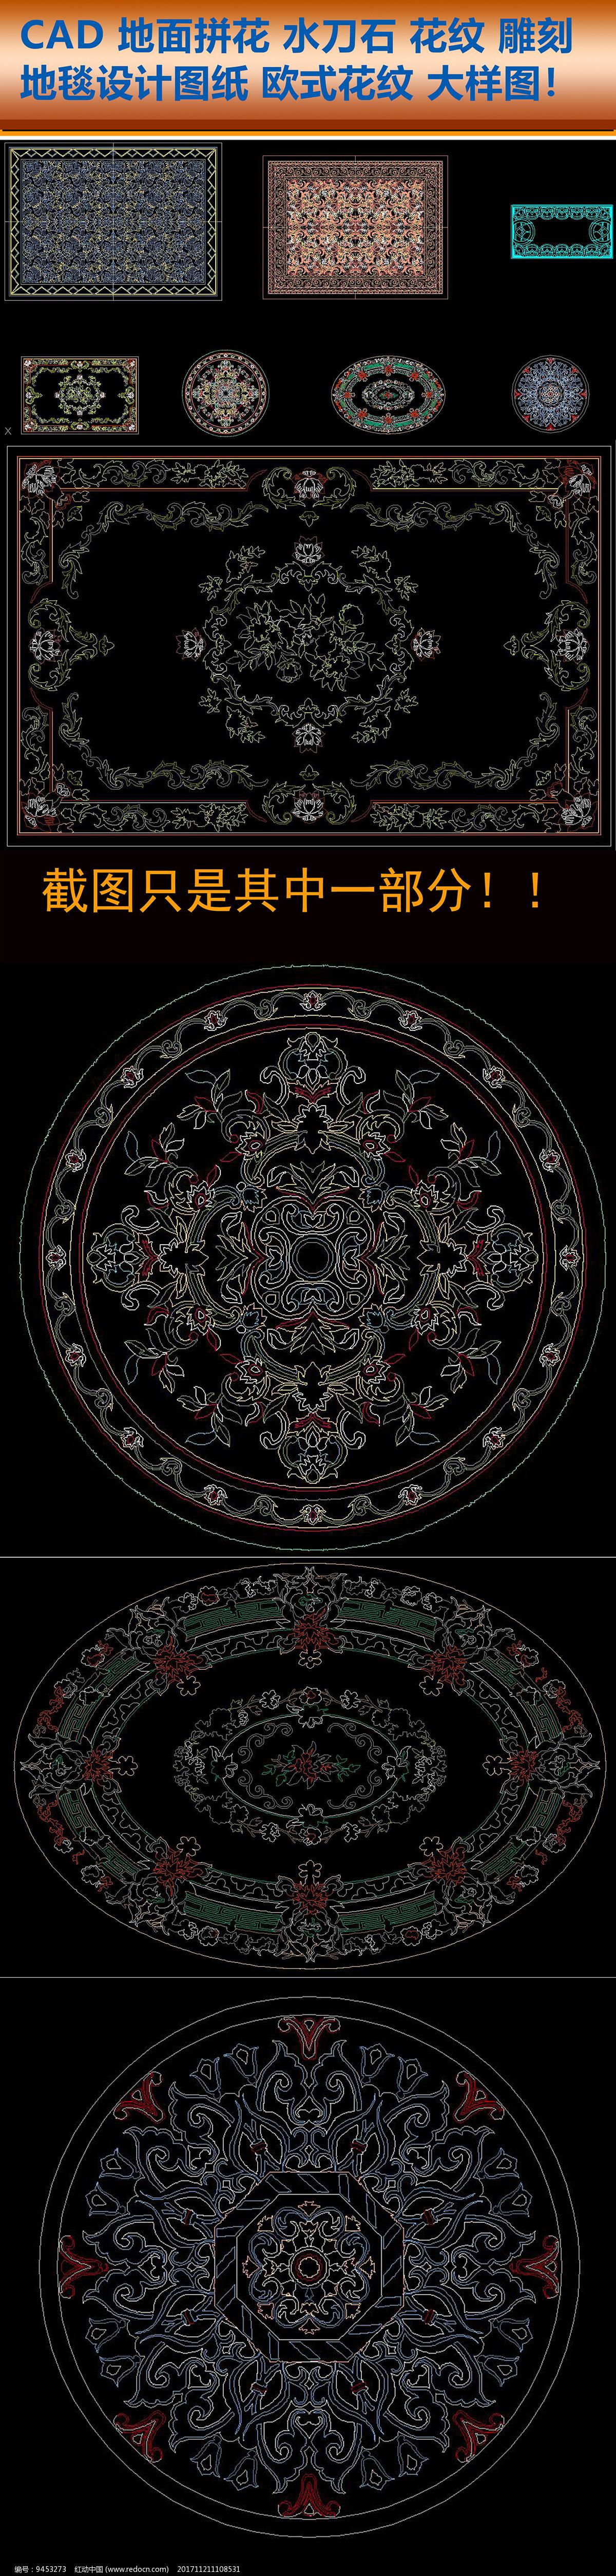 CAD水刀石地面拼花欧式花纹图片